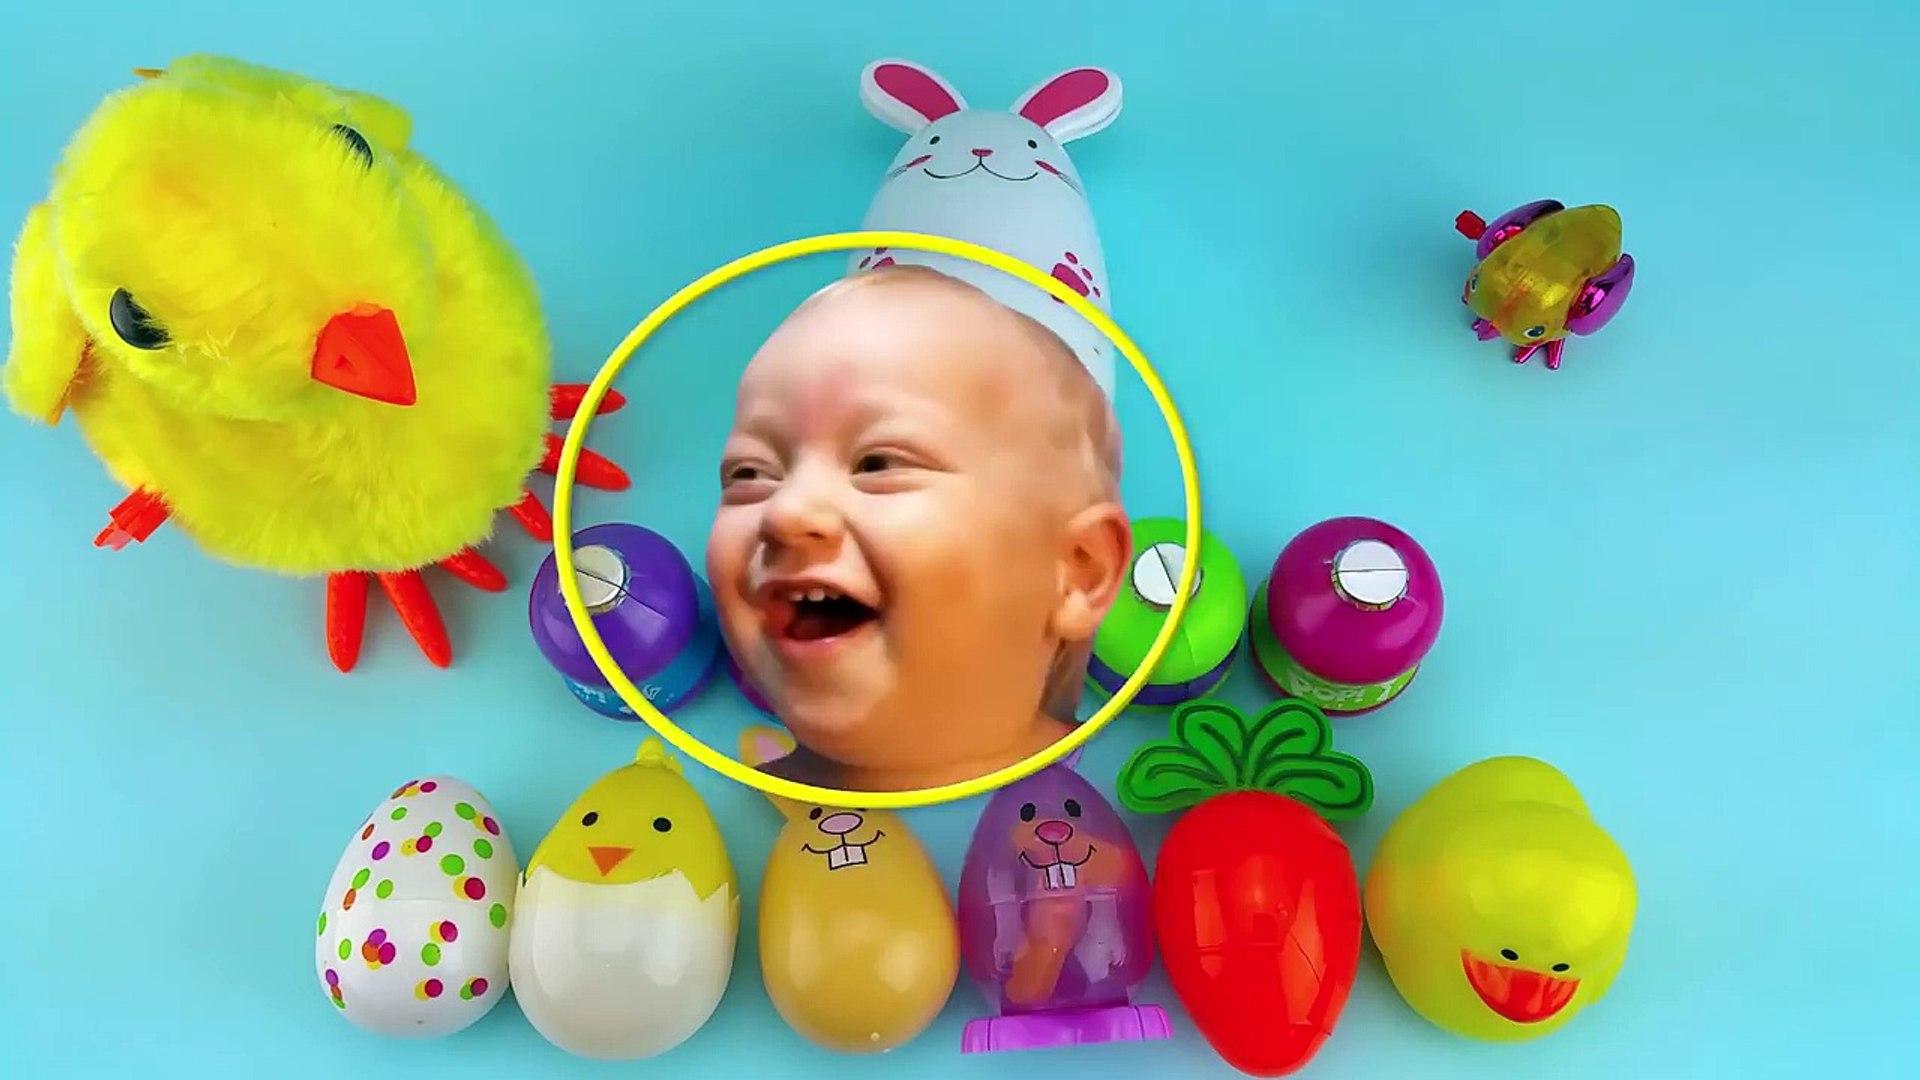 Сюрприз Яйца Барби Учиться-В-Слово! Написание Слова Пасха! Урок 9